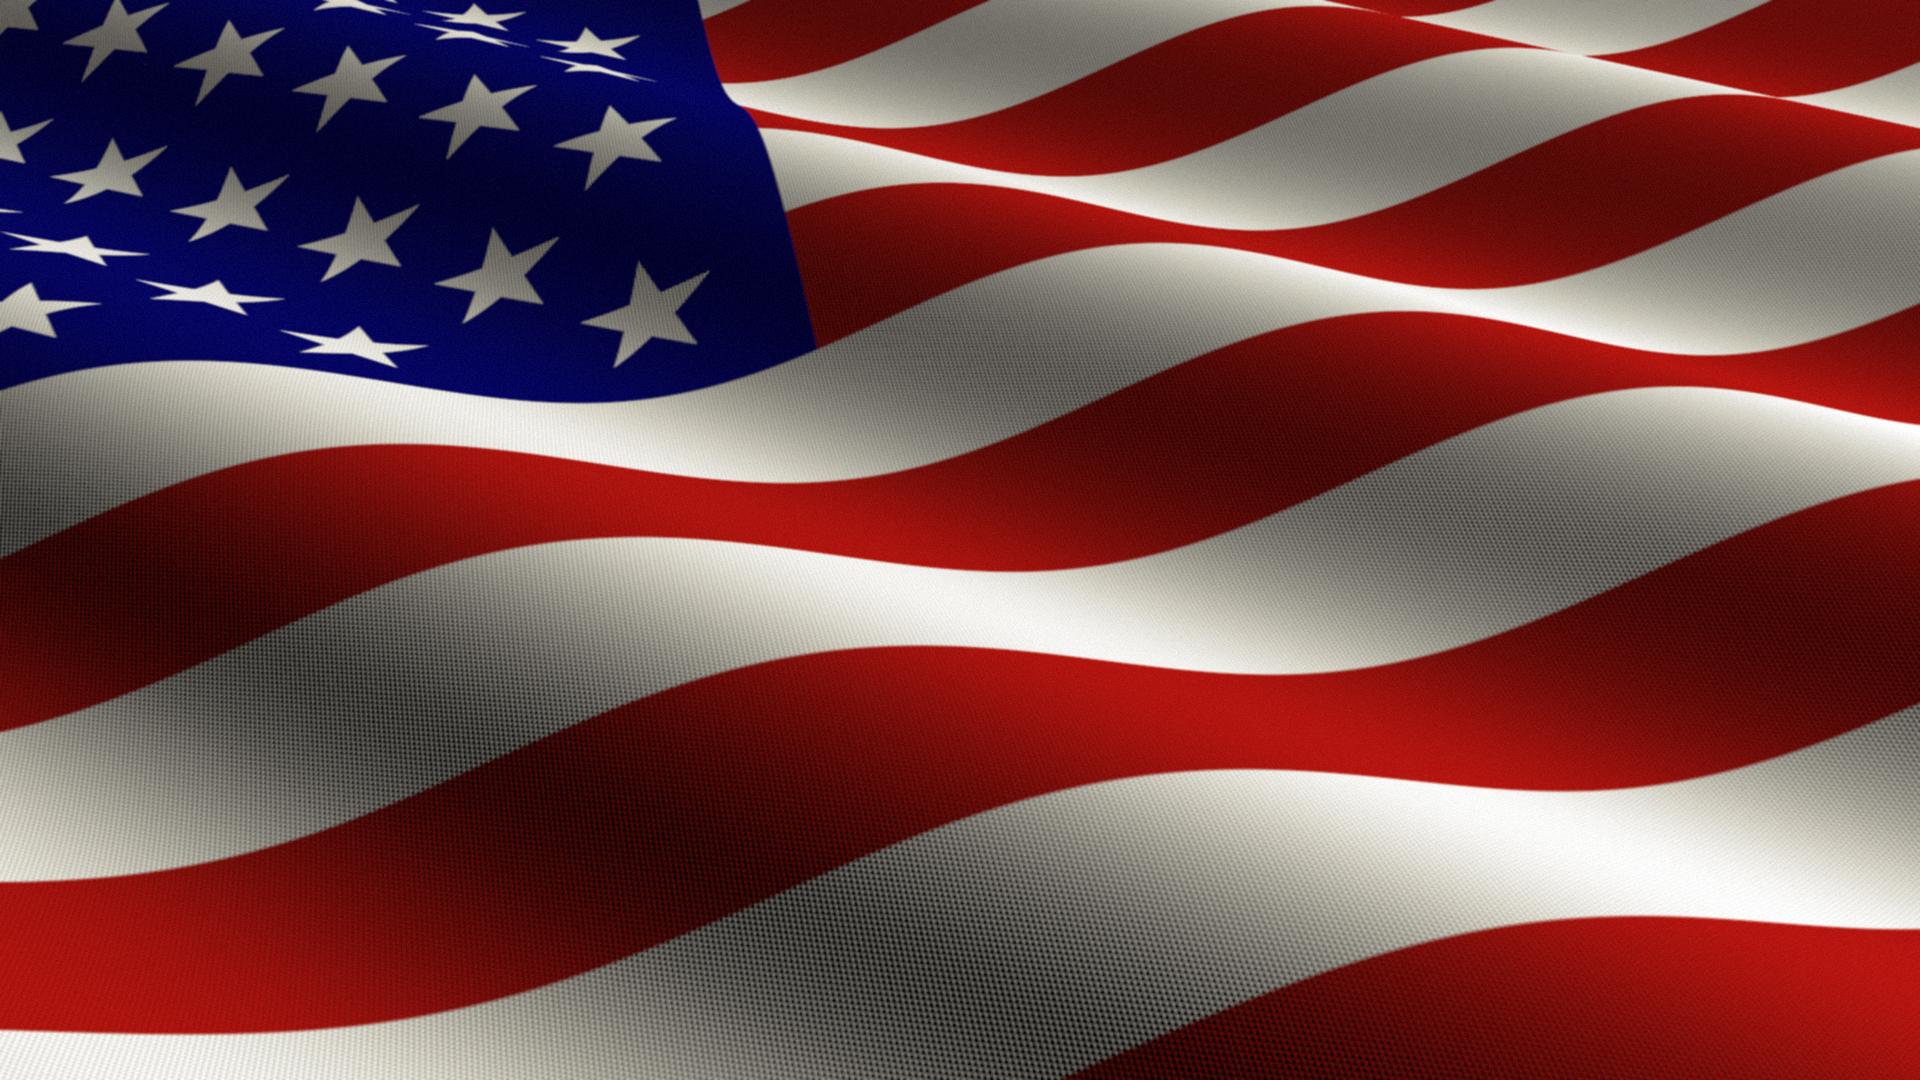 American flag desktop background wallpapersafari